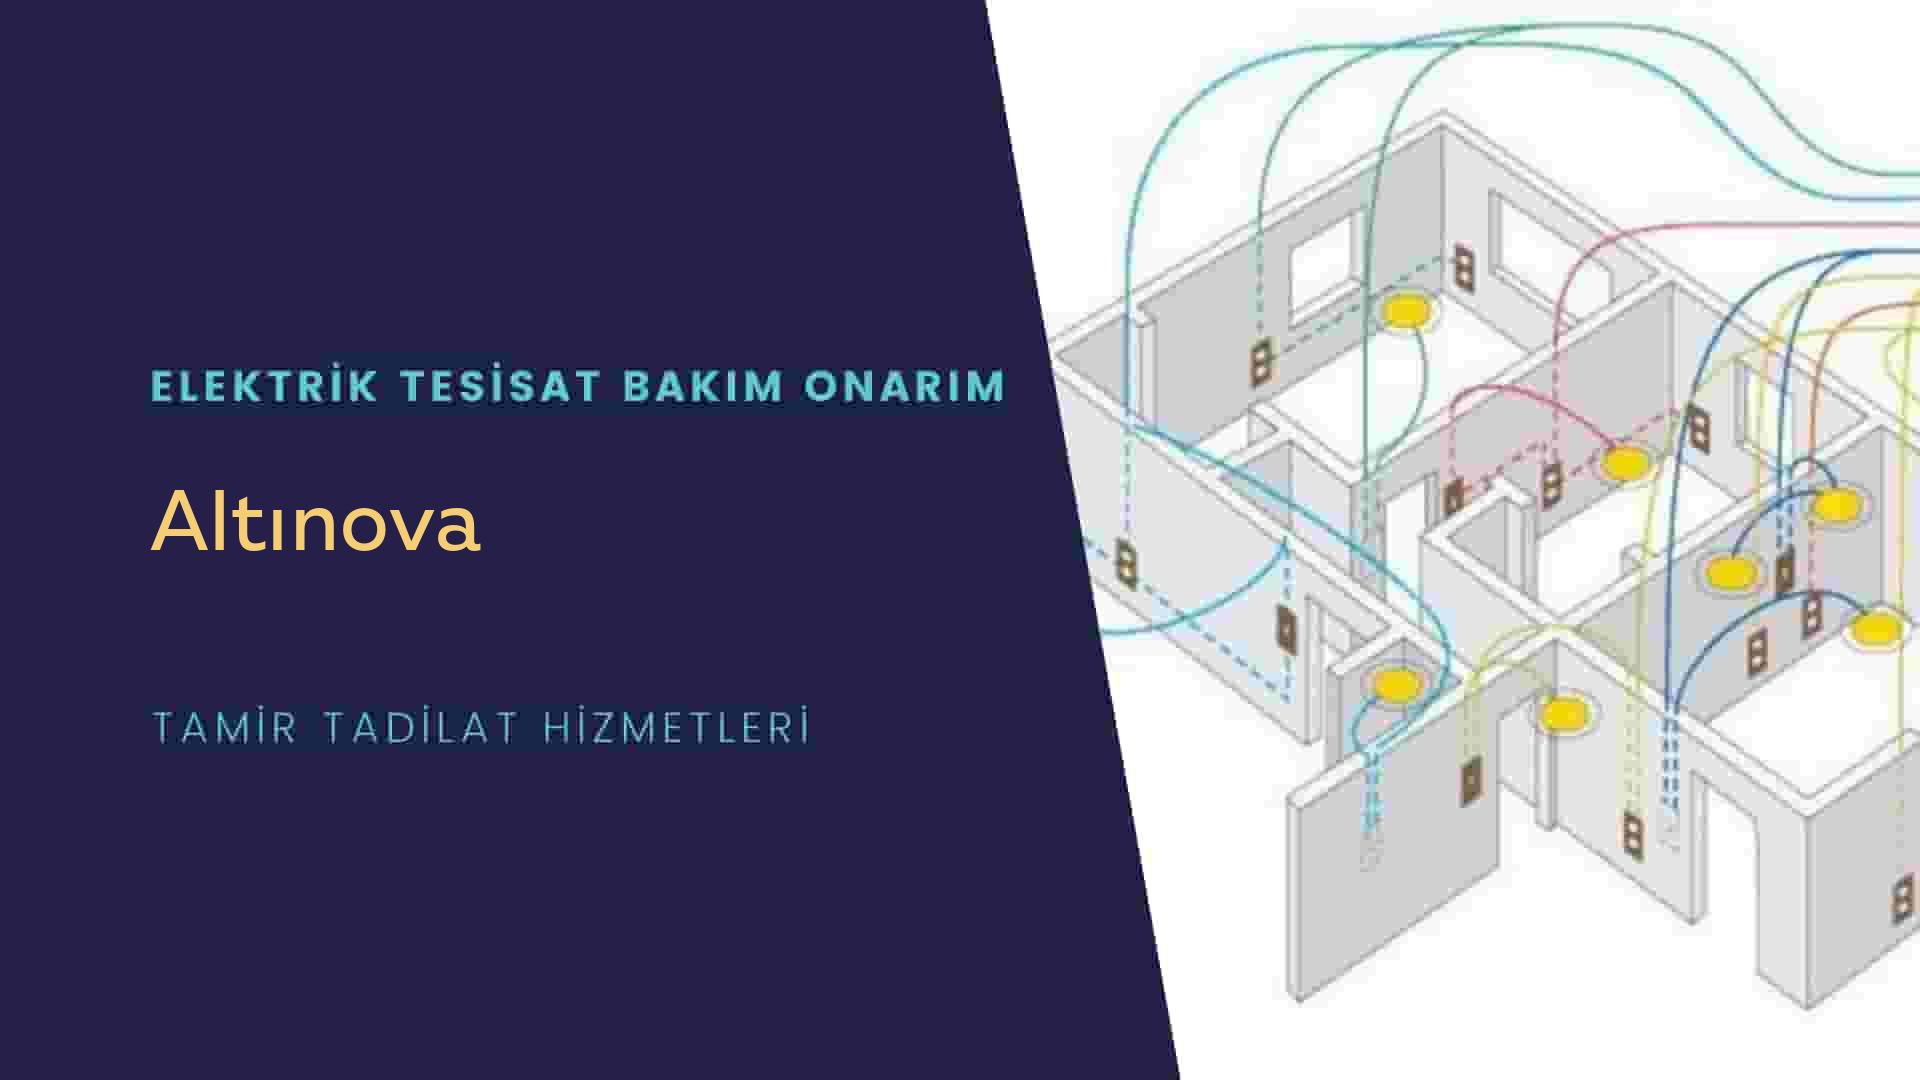 Altınova'da elektrik tesisatıustalarımı arıyorsunuz doğru adrestenizi Altınova elektrik tesisatı ustalarımız 7/24 sizlere hizmet vermekten mutluluk duyar.